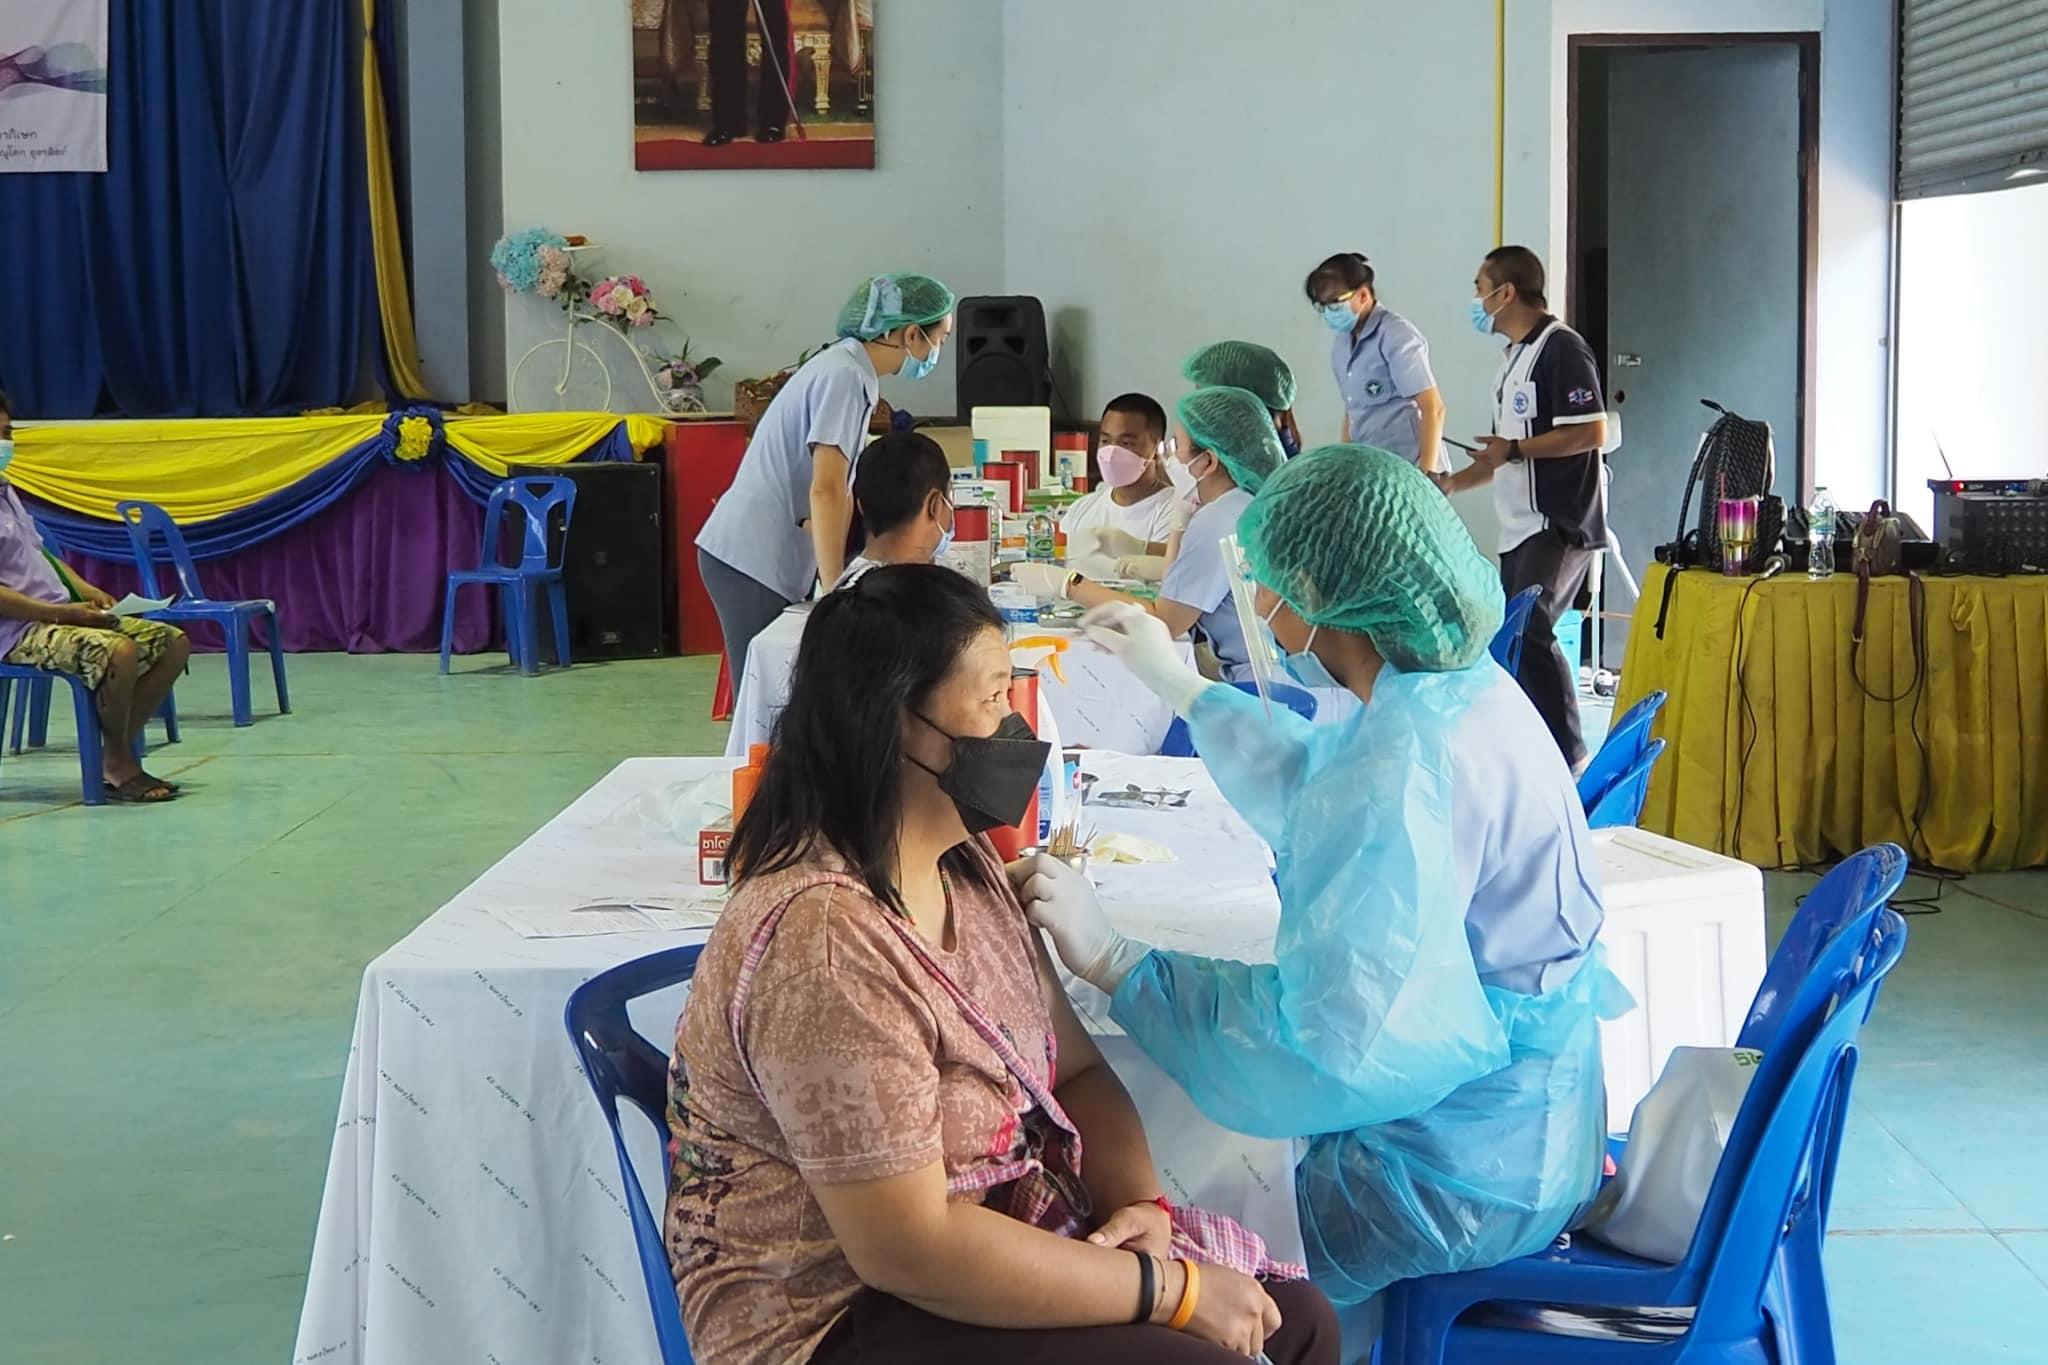 ศูนย์ฉีดวัคซีนโรงเรียนนครชุมพิทยา ฯ